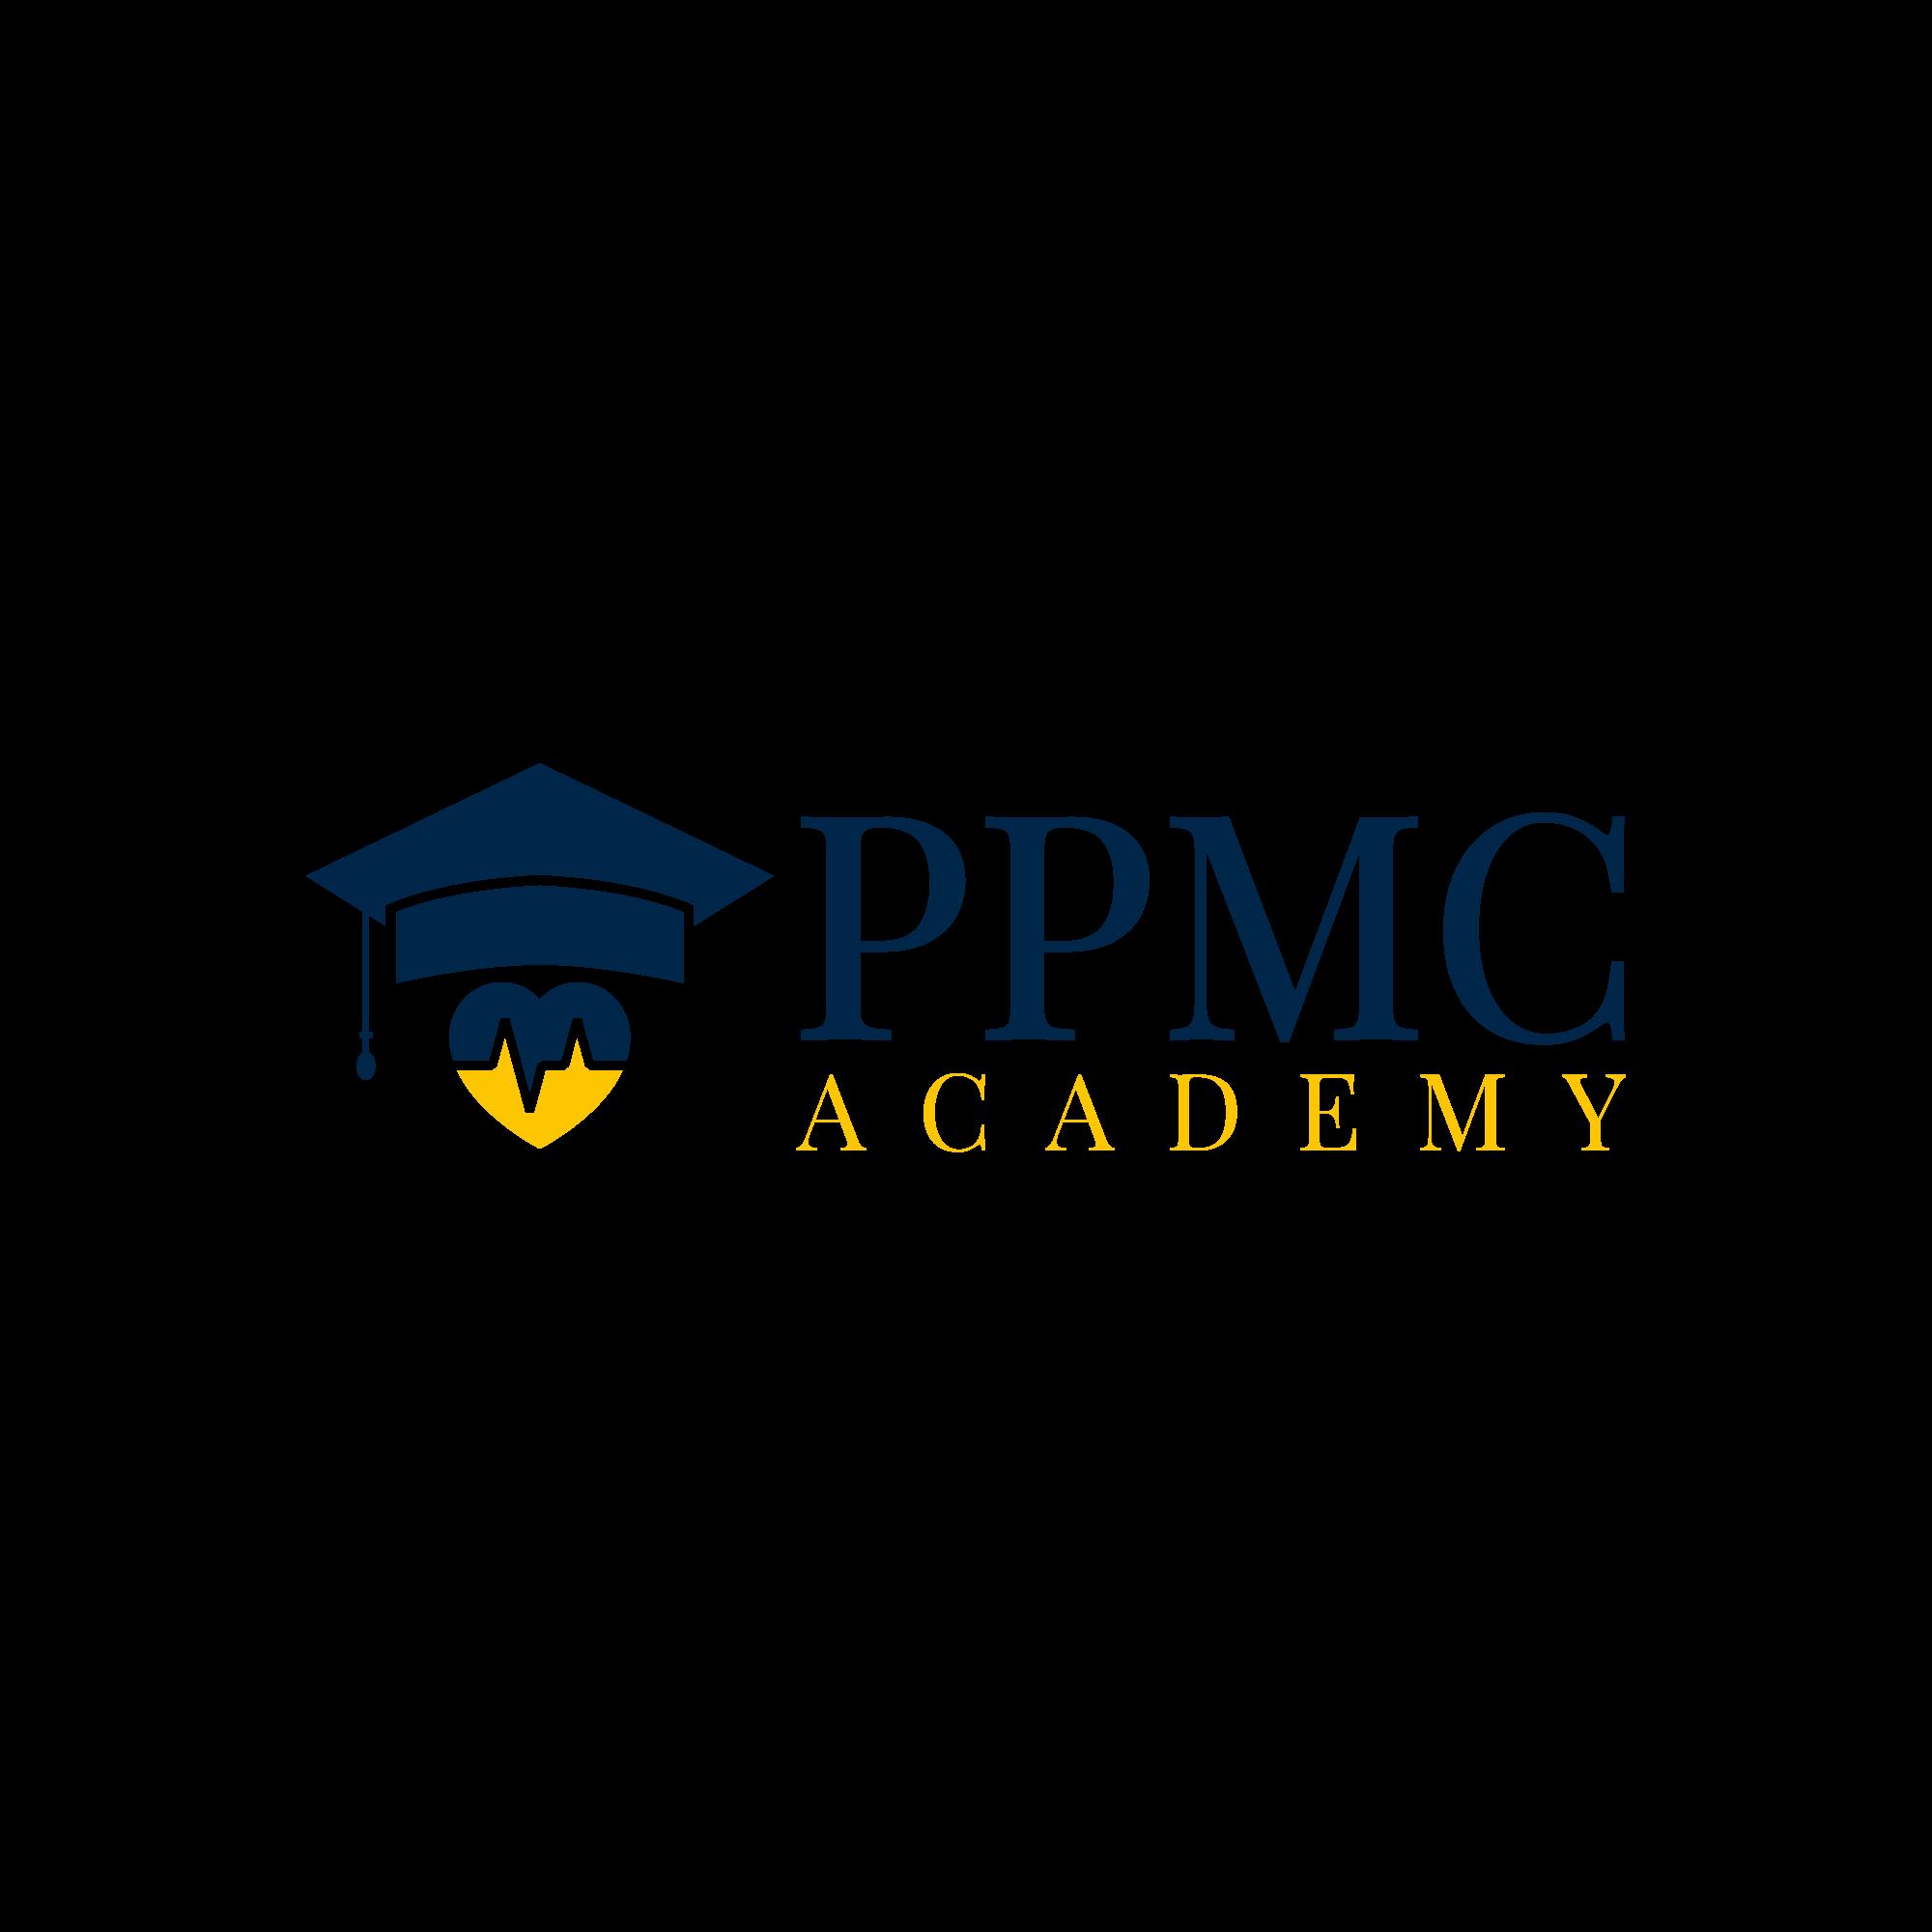 PPMC Academy